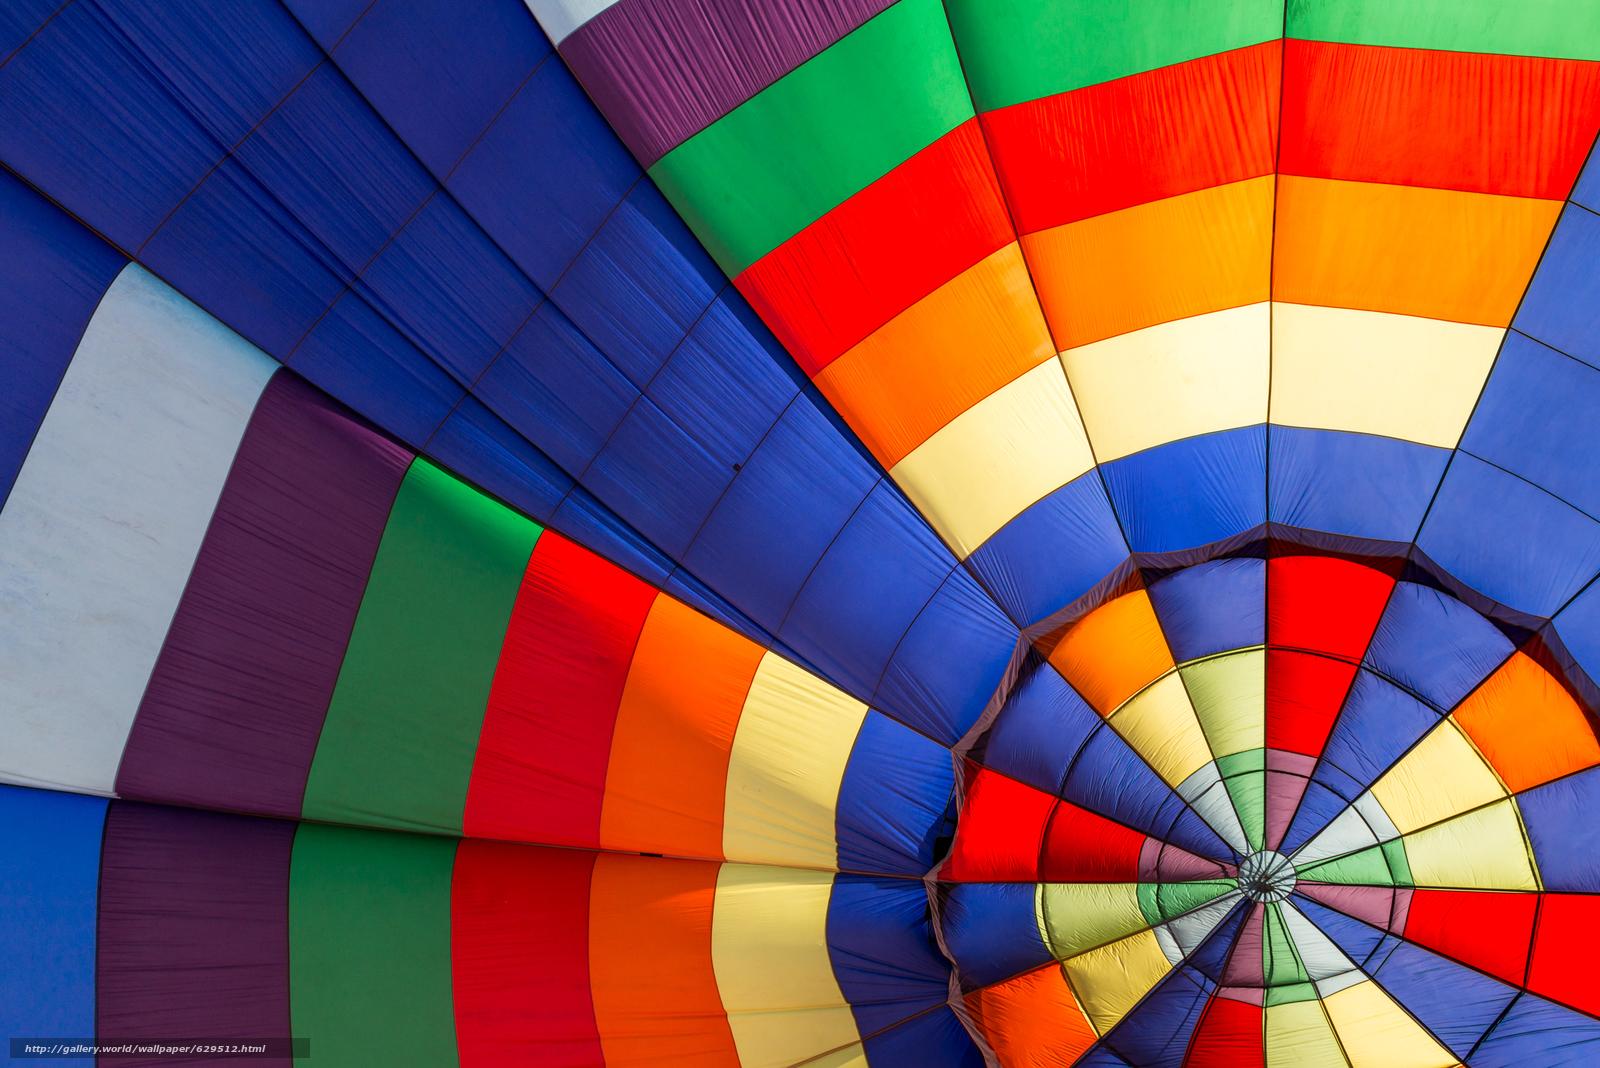 Скачать обои аэростат,  воздушный шар,  разноцветный бесплатно для рабочего стола в разрешении 2400x1602 — картинка №629512